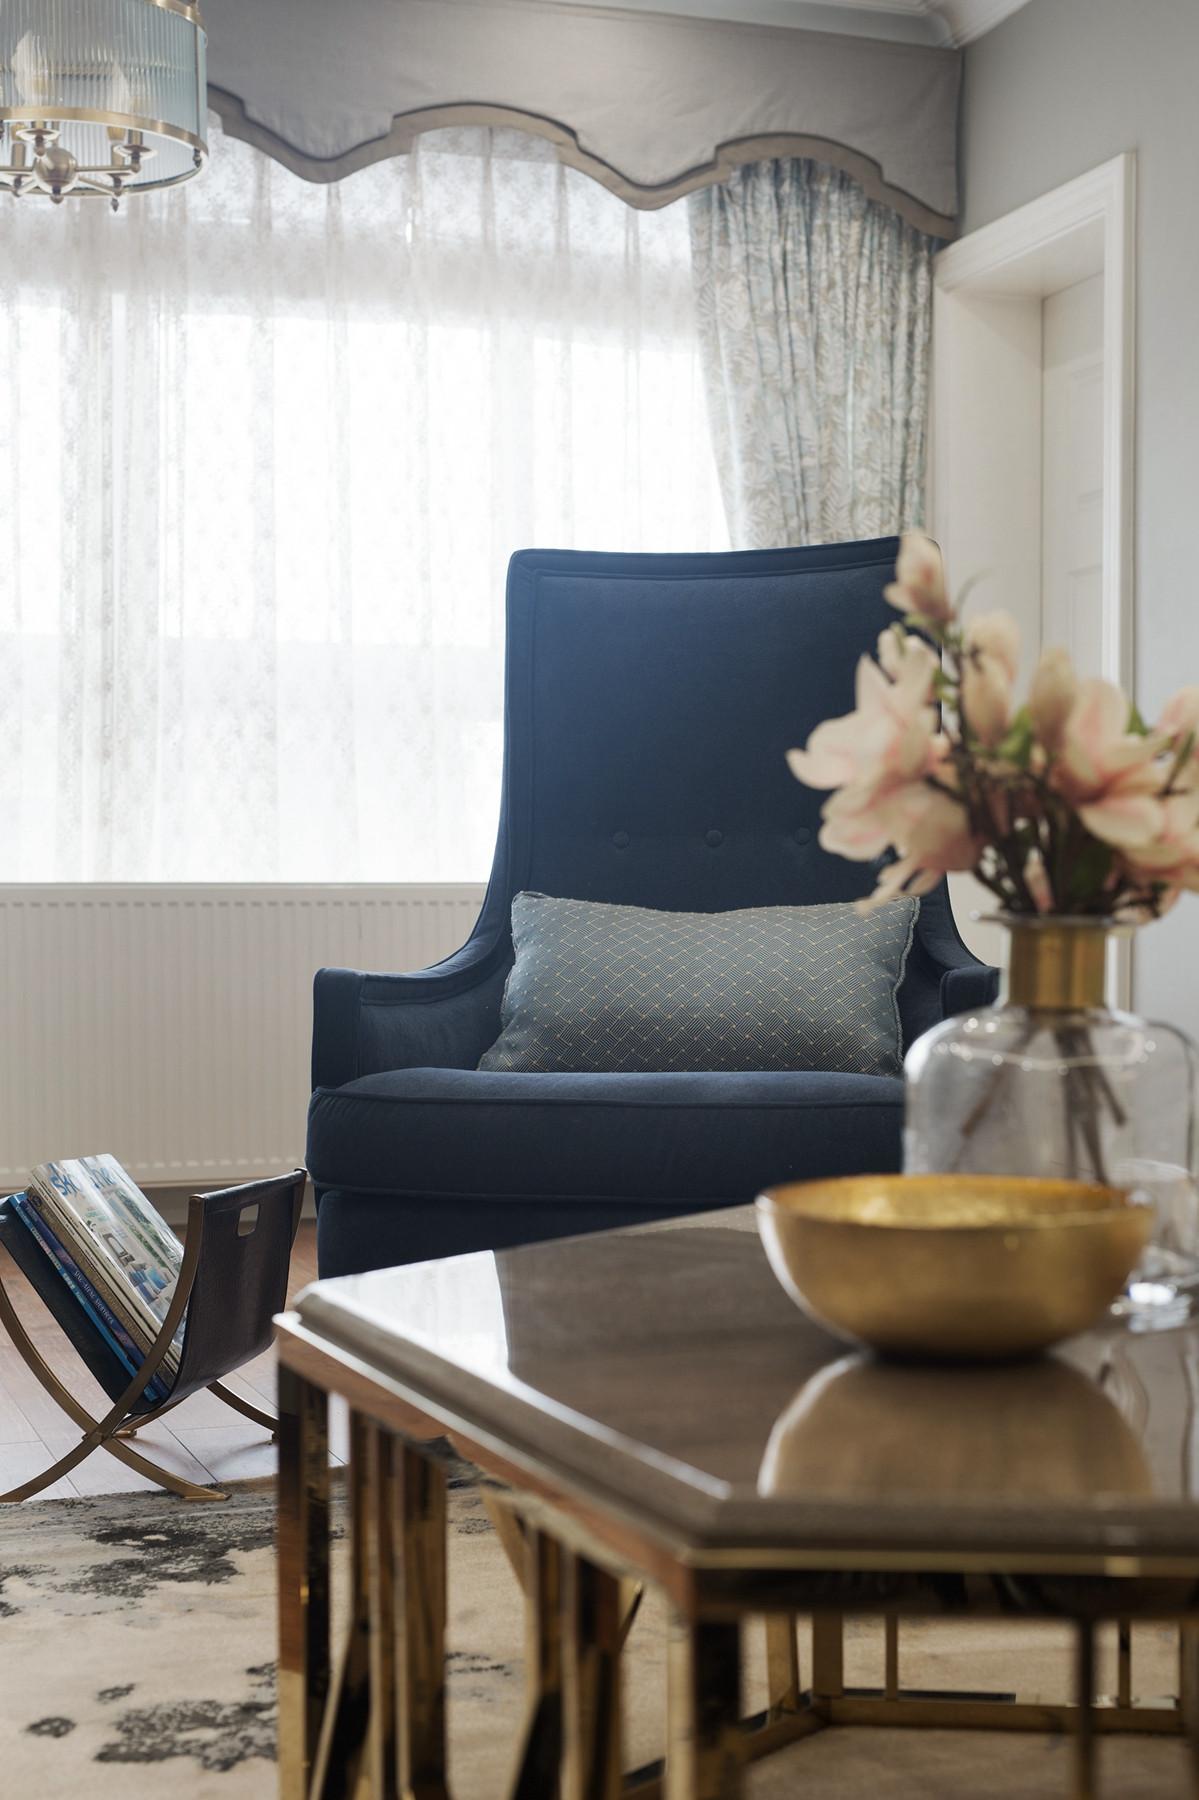 180㎡美式装修单人沙发椅图片